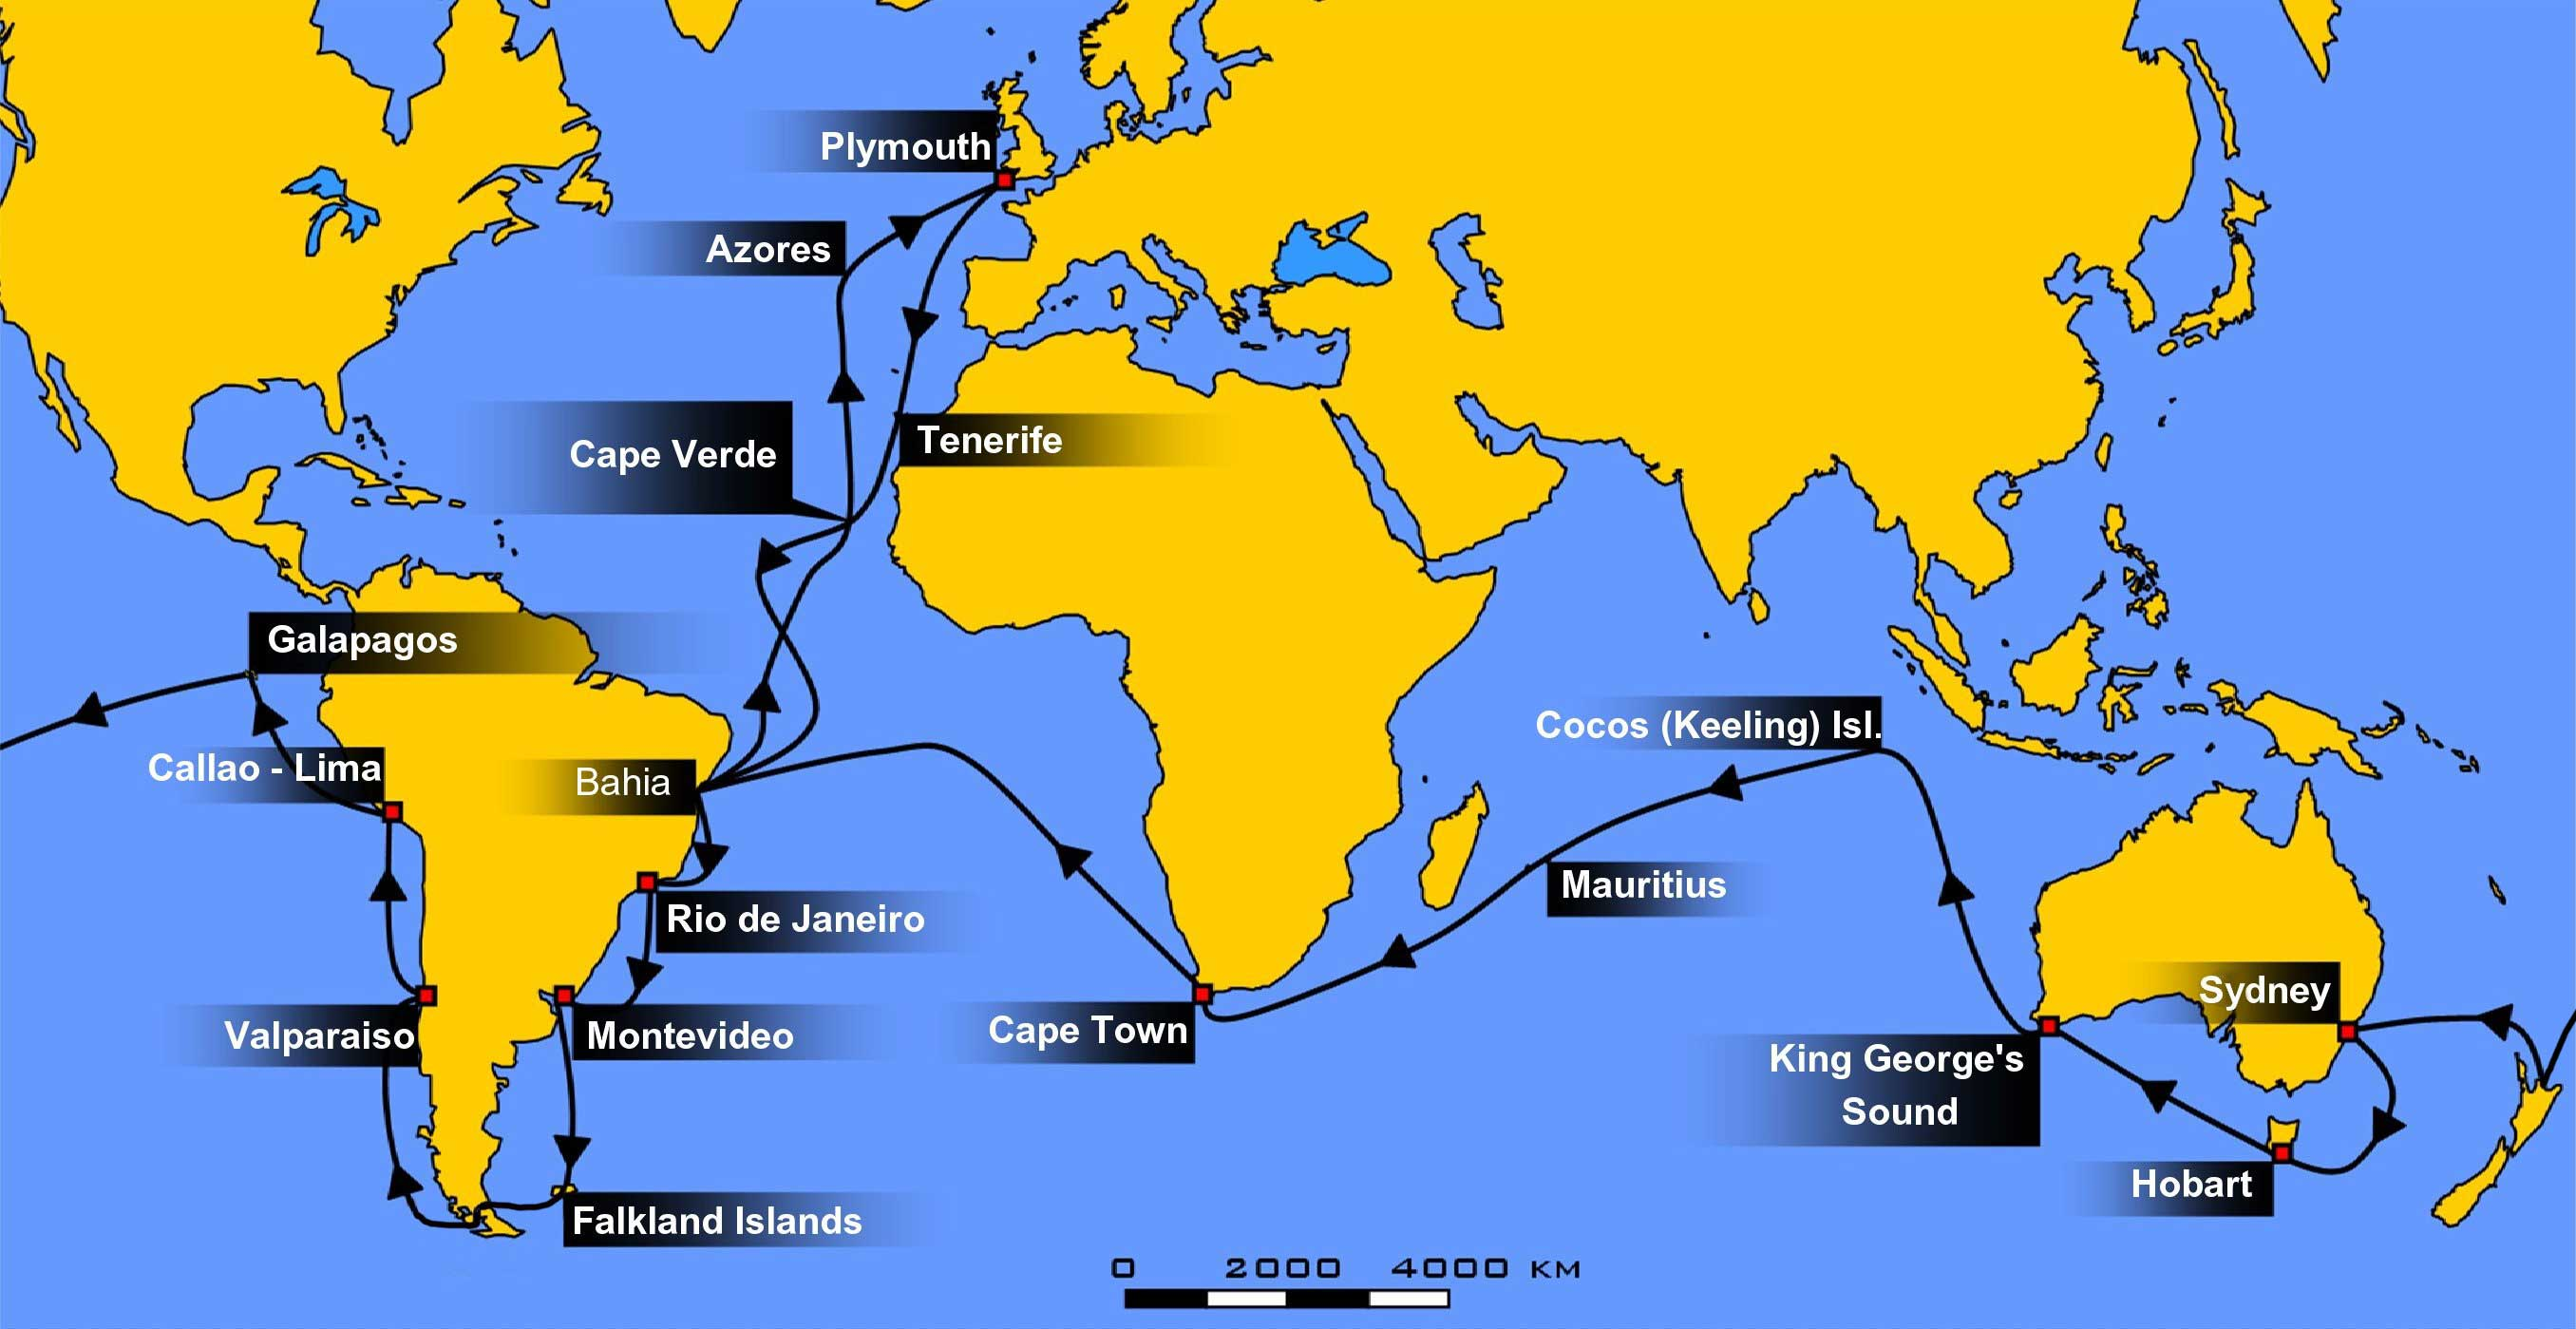 Stops along Charles Darwin's voyage of